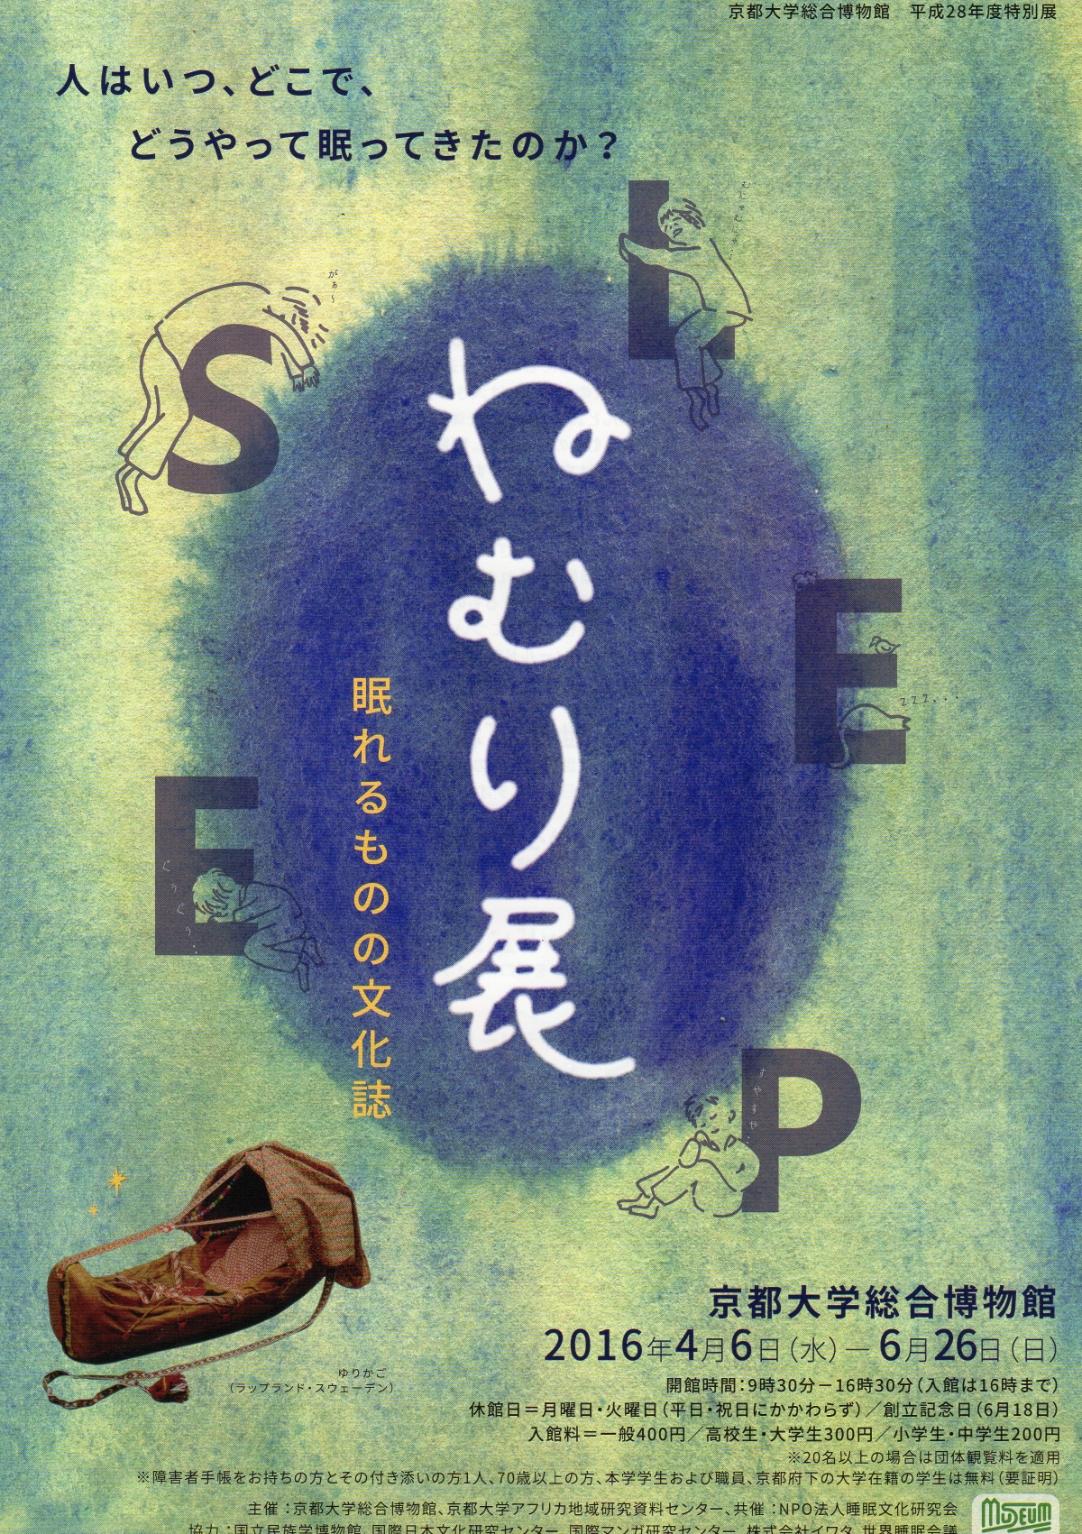 京大総合博物館「ねむり展」